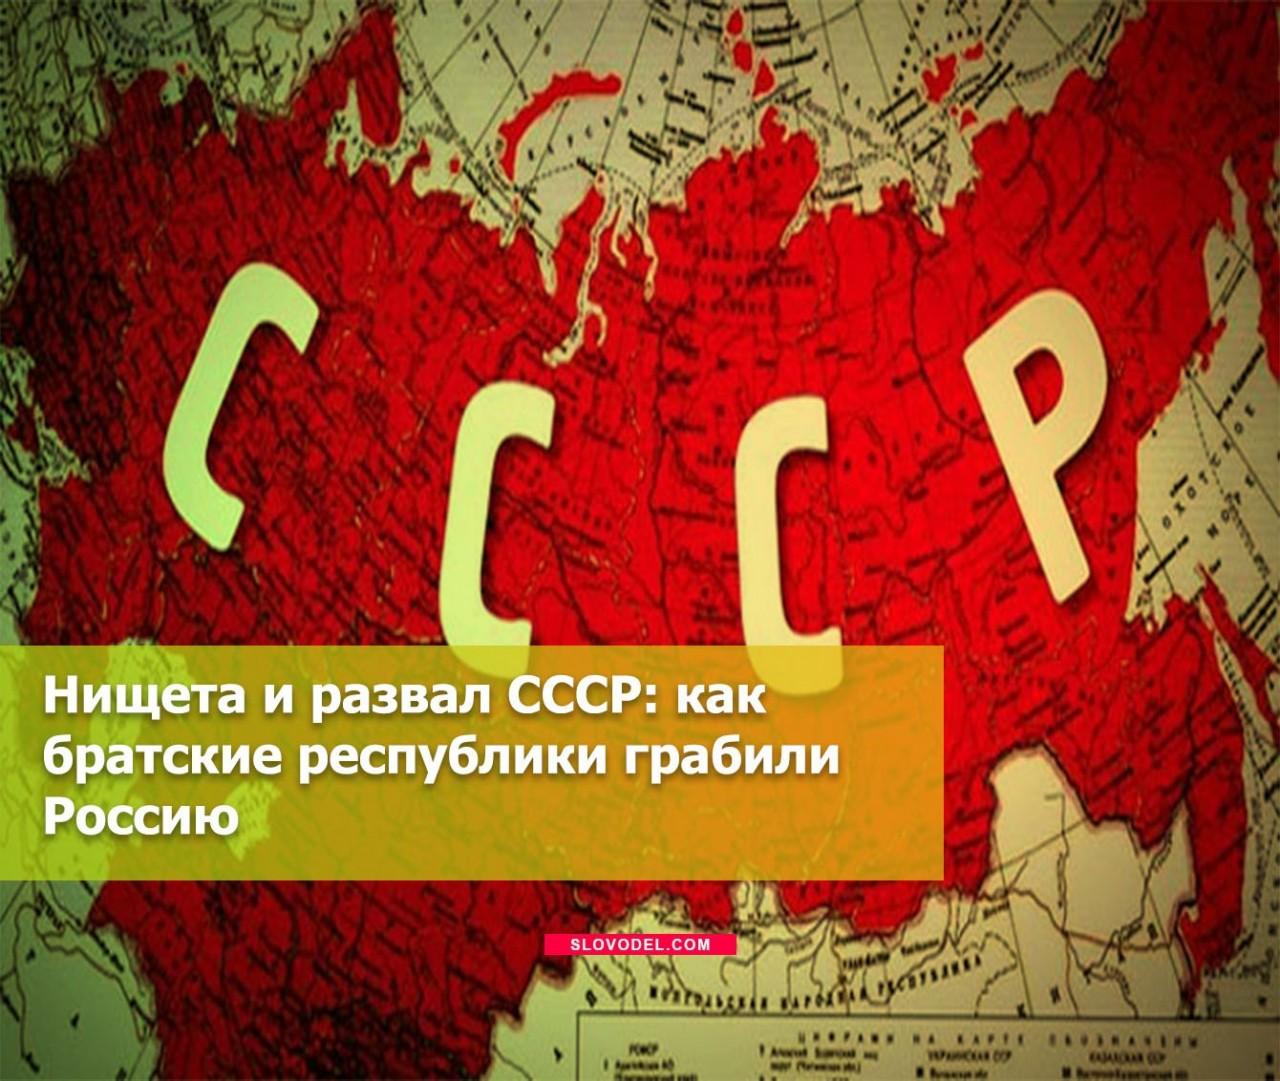 Нищета и развал СССР: как братские республики грабили Россию